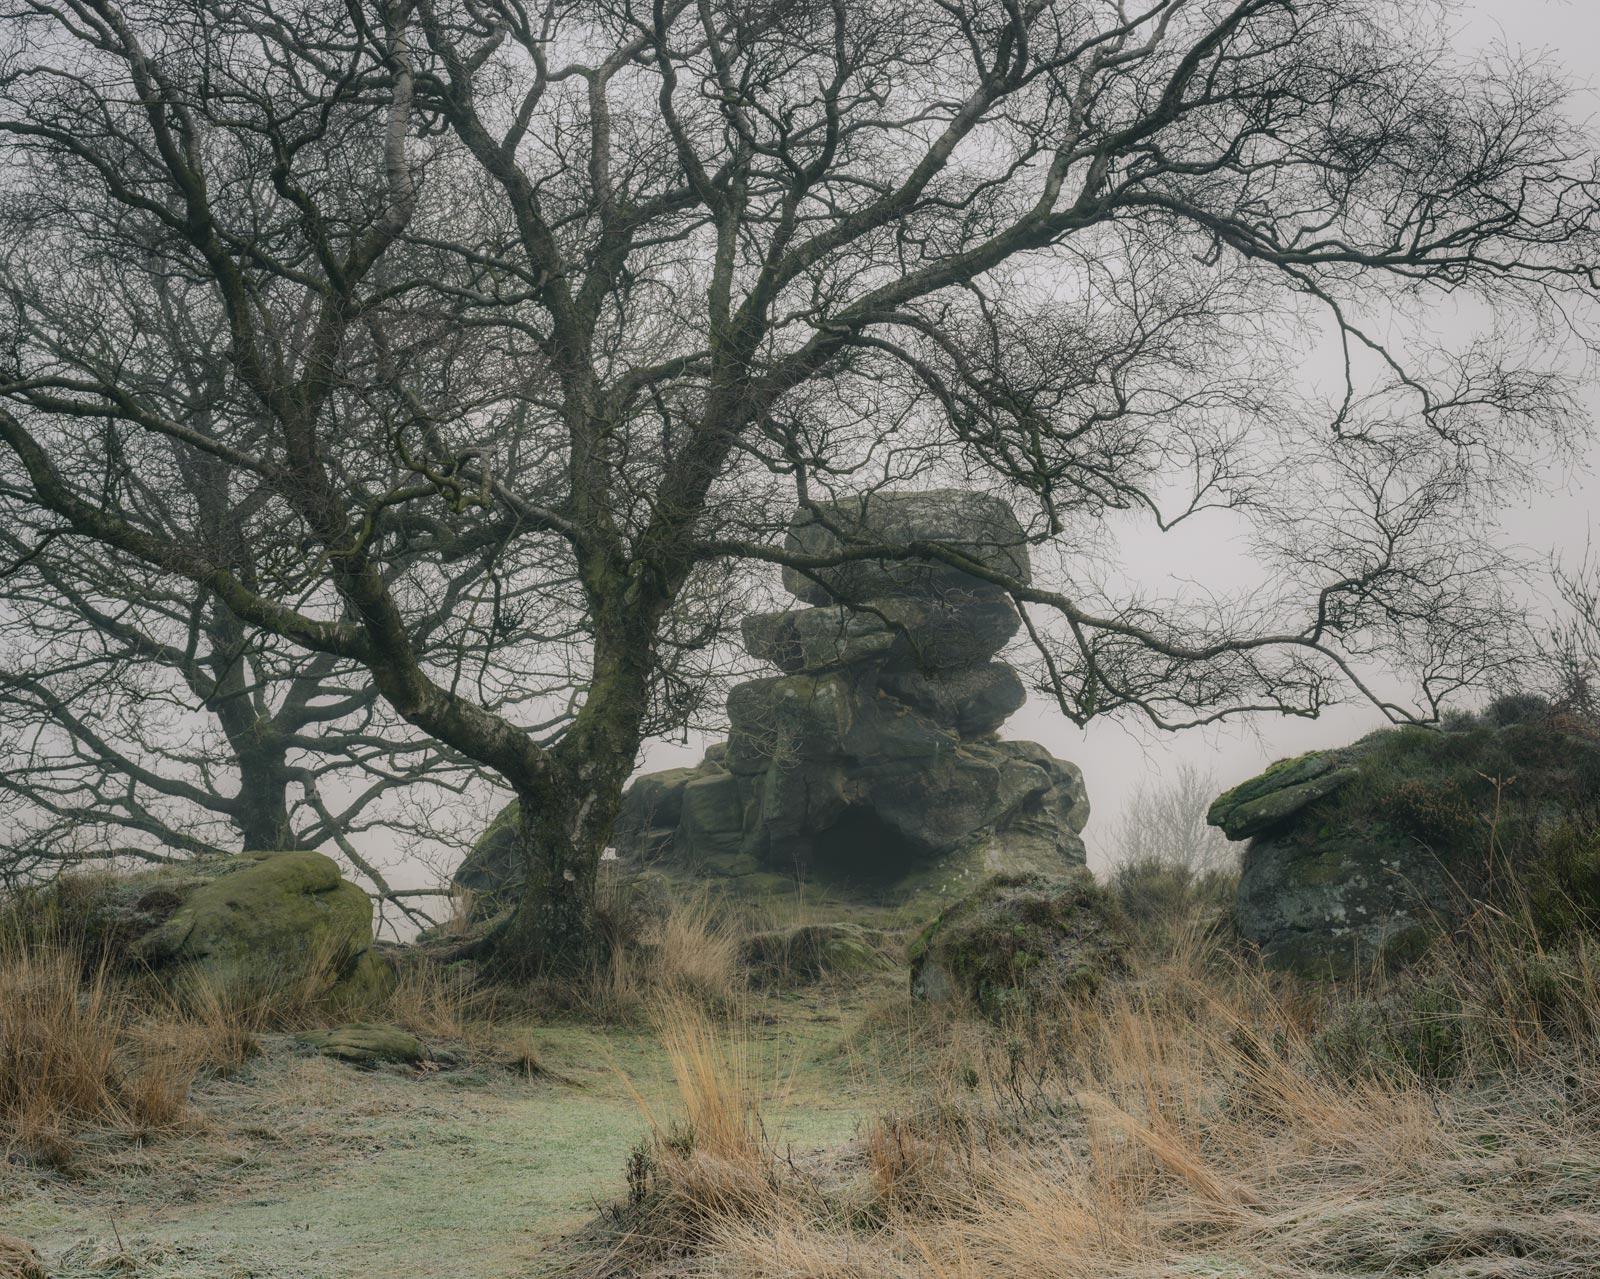 A Winter's morning at Brimham Rocks - Nikon 50mm at f/11